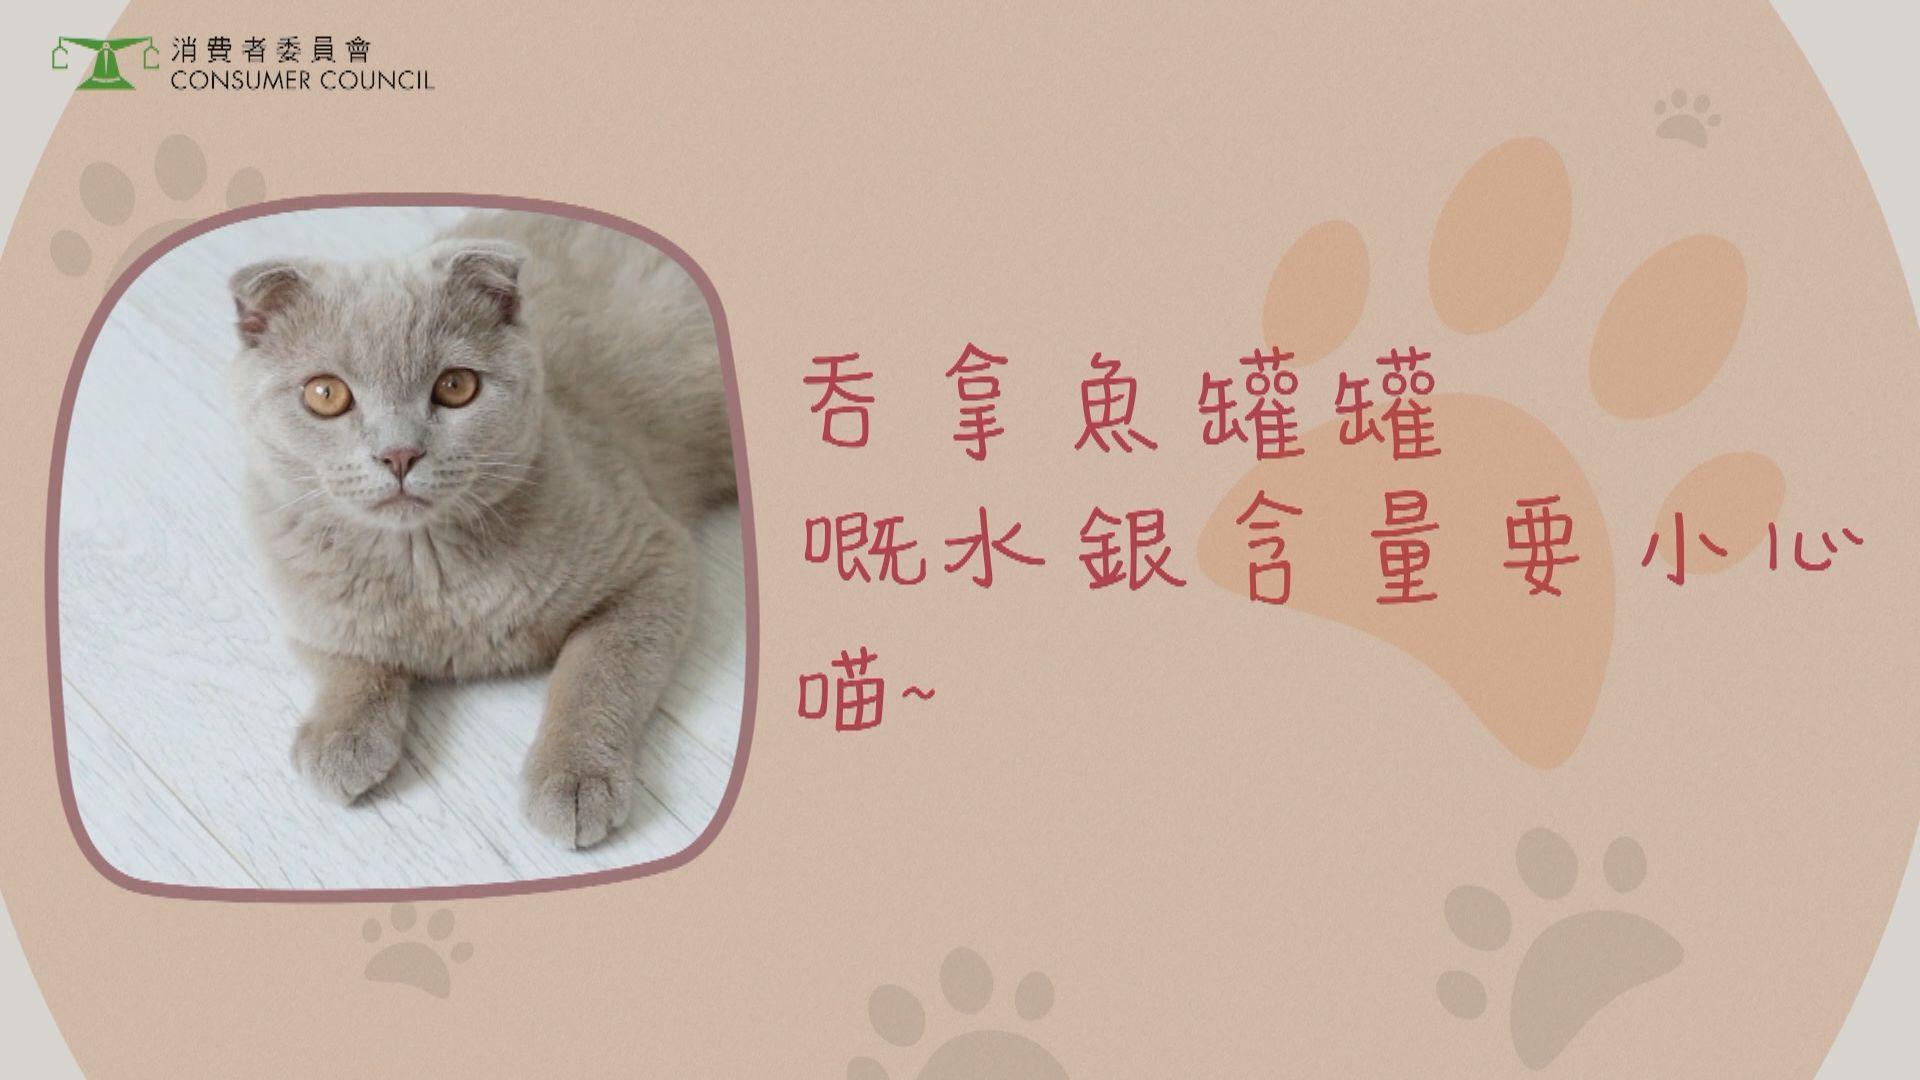 22款貓糧9成礦物質含量未符國際標準 13款含水銀